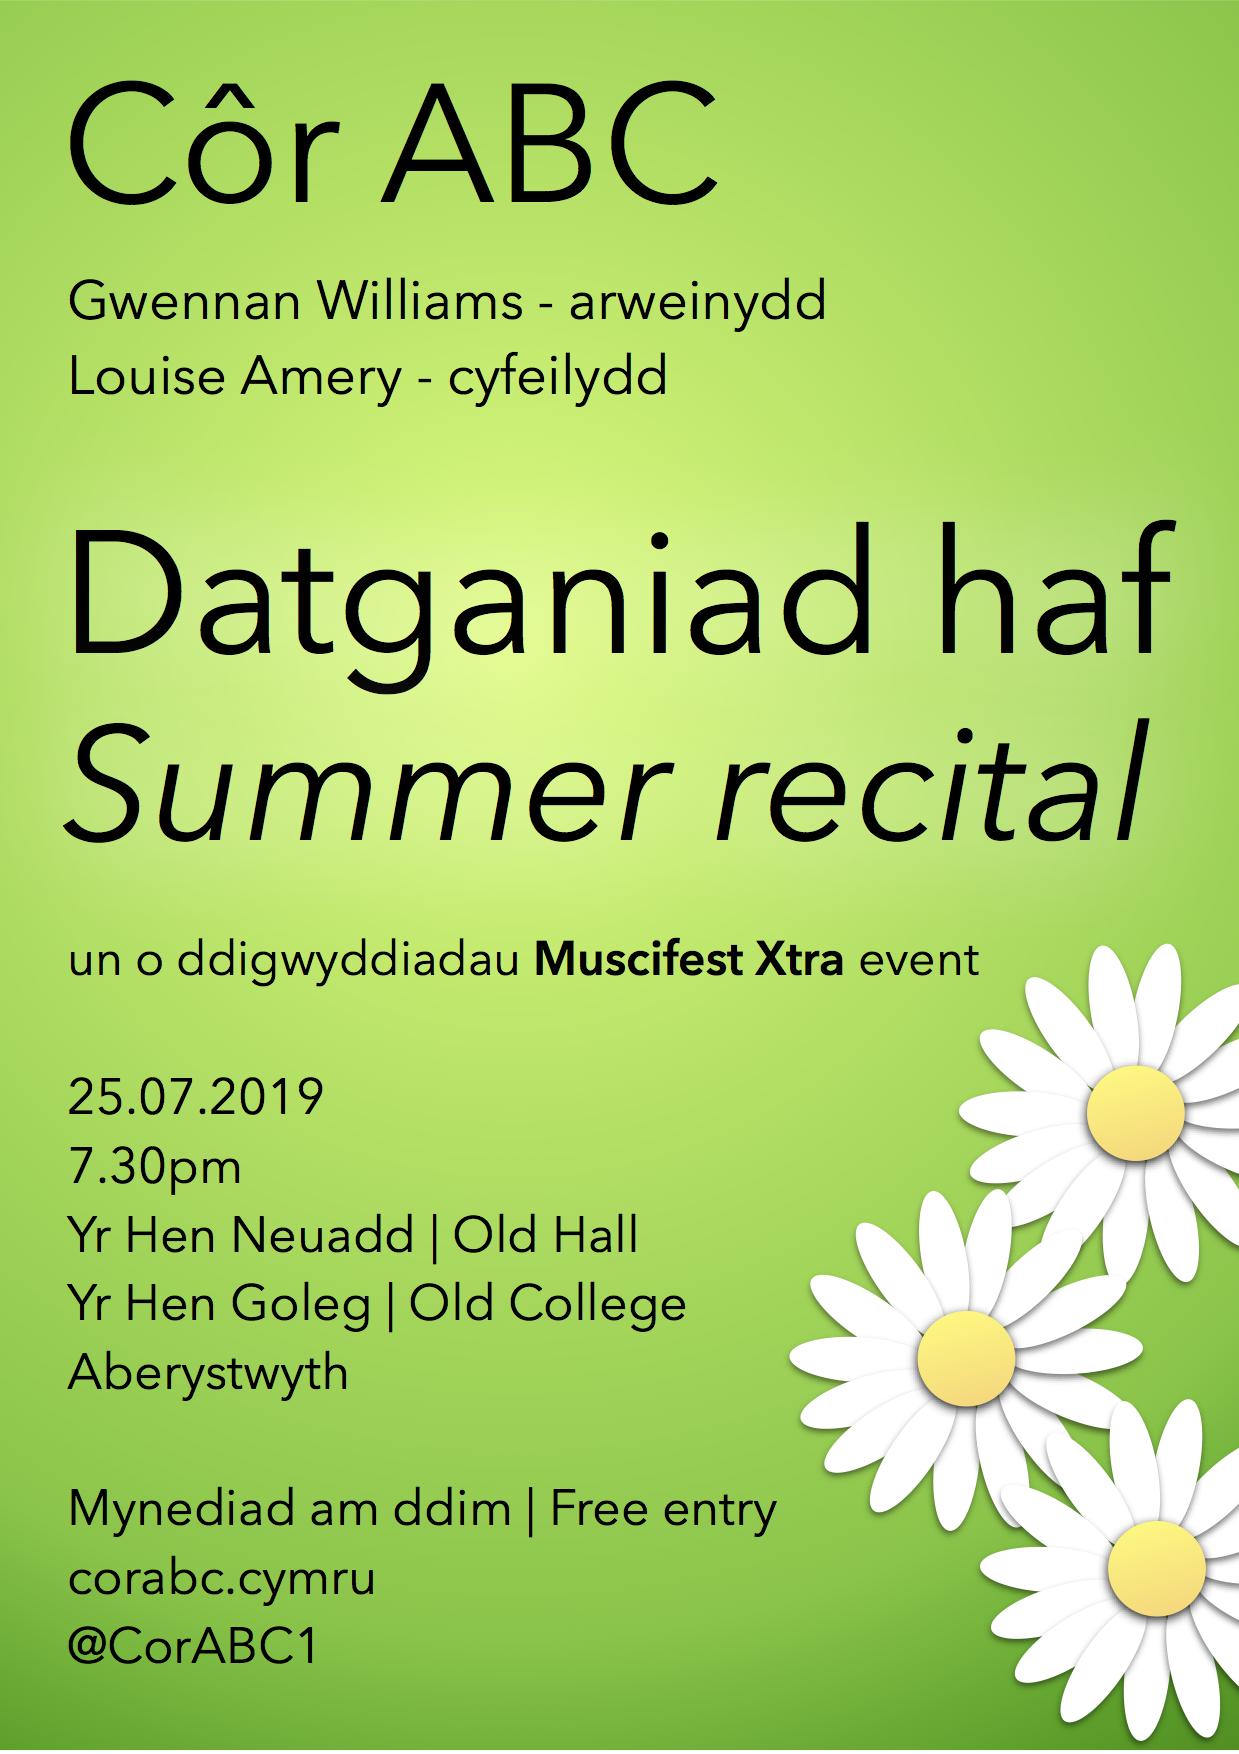 Datganiad haf | Summer recital